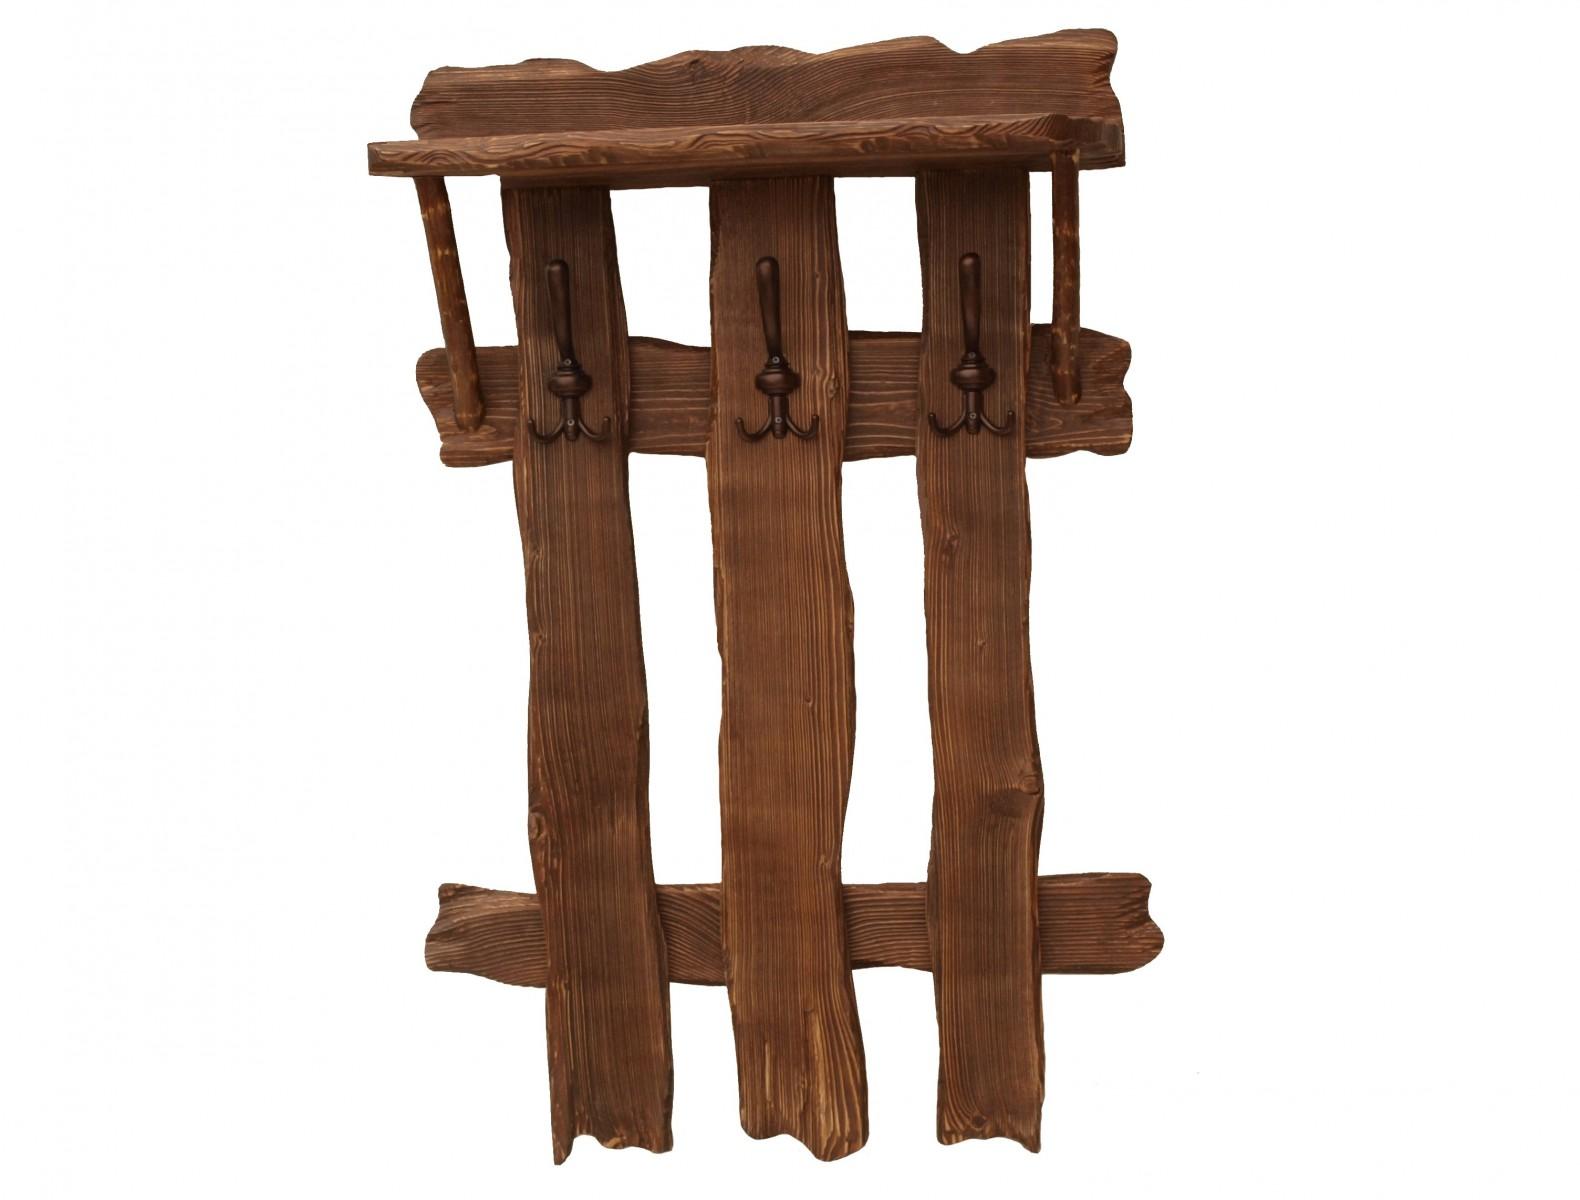 Вешалки в баню из дерева своими руками: для одежды и полотенец; расскажем, какие виды и конструкции бывают, покажем в роликах, как сделать их самостоятельно